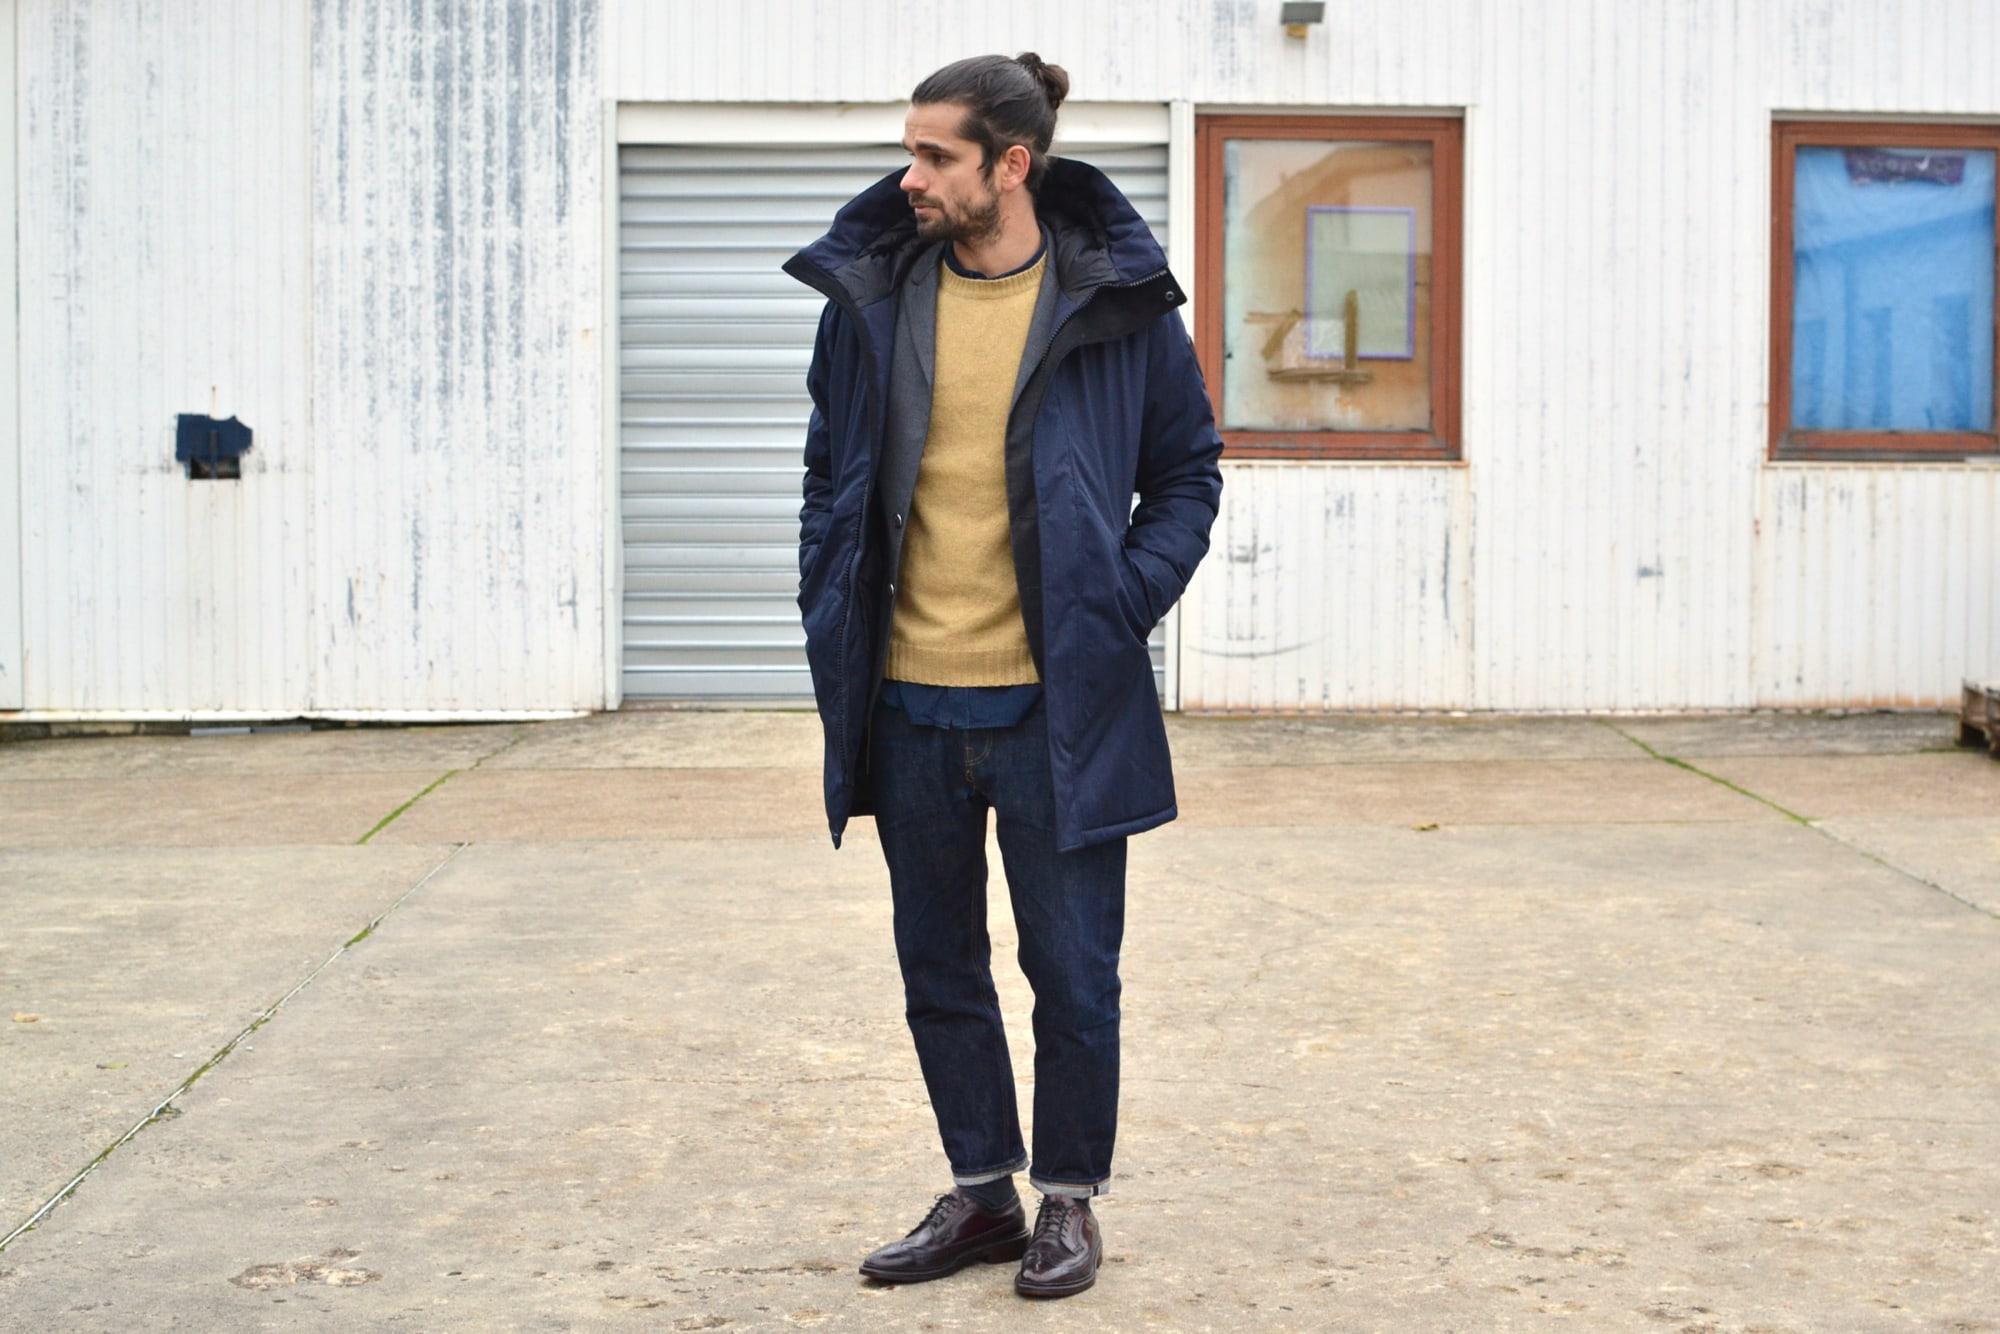 comment avooir du style avec une parka technique dans une tenue professionnelle de bureau pour homme - pouboir rester élégant et confort